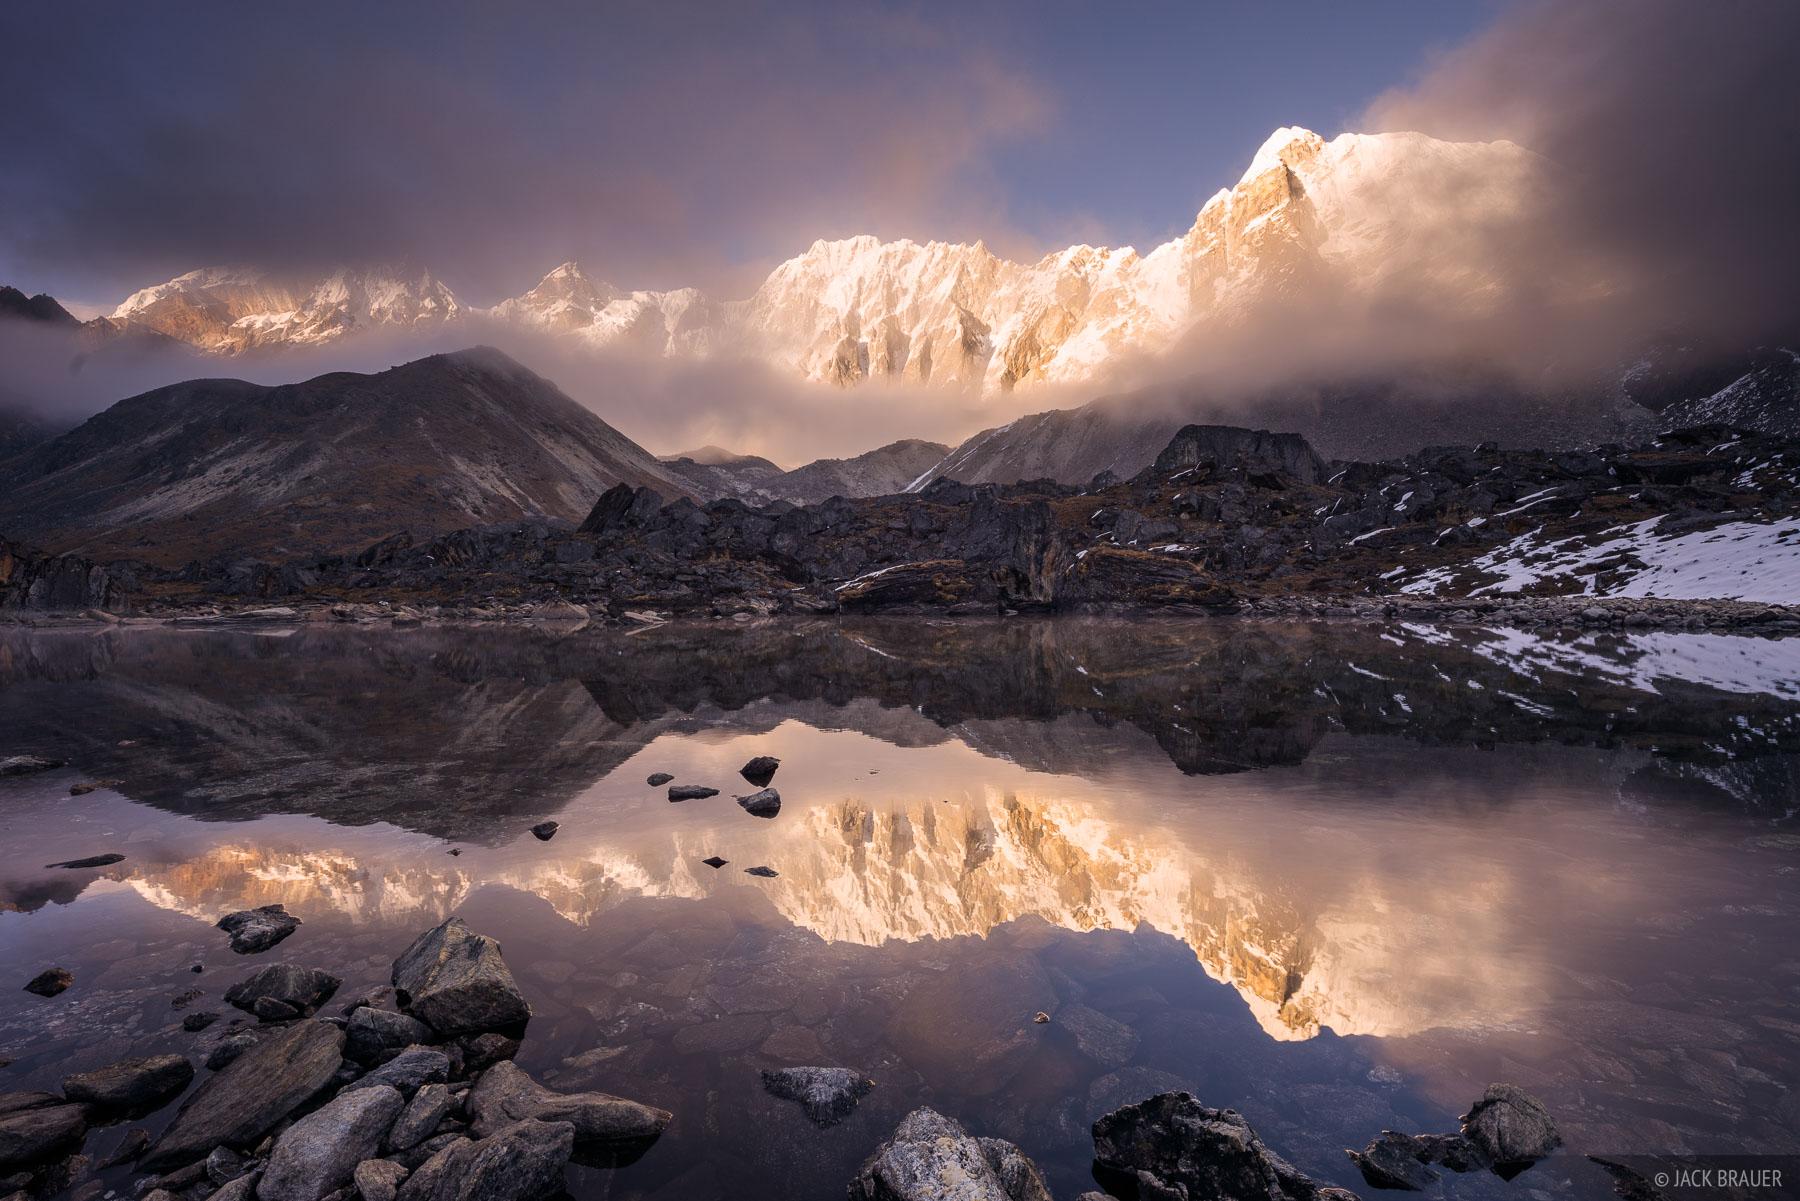 Dzonglha,Himalaya,Khumbu,Lobuche,Nepal, photo